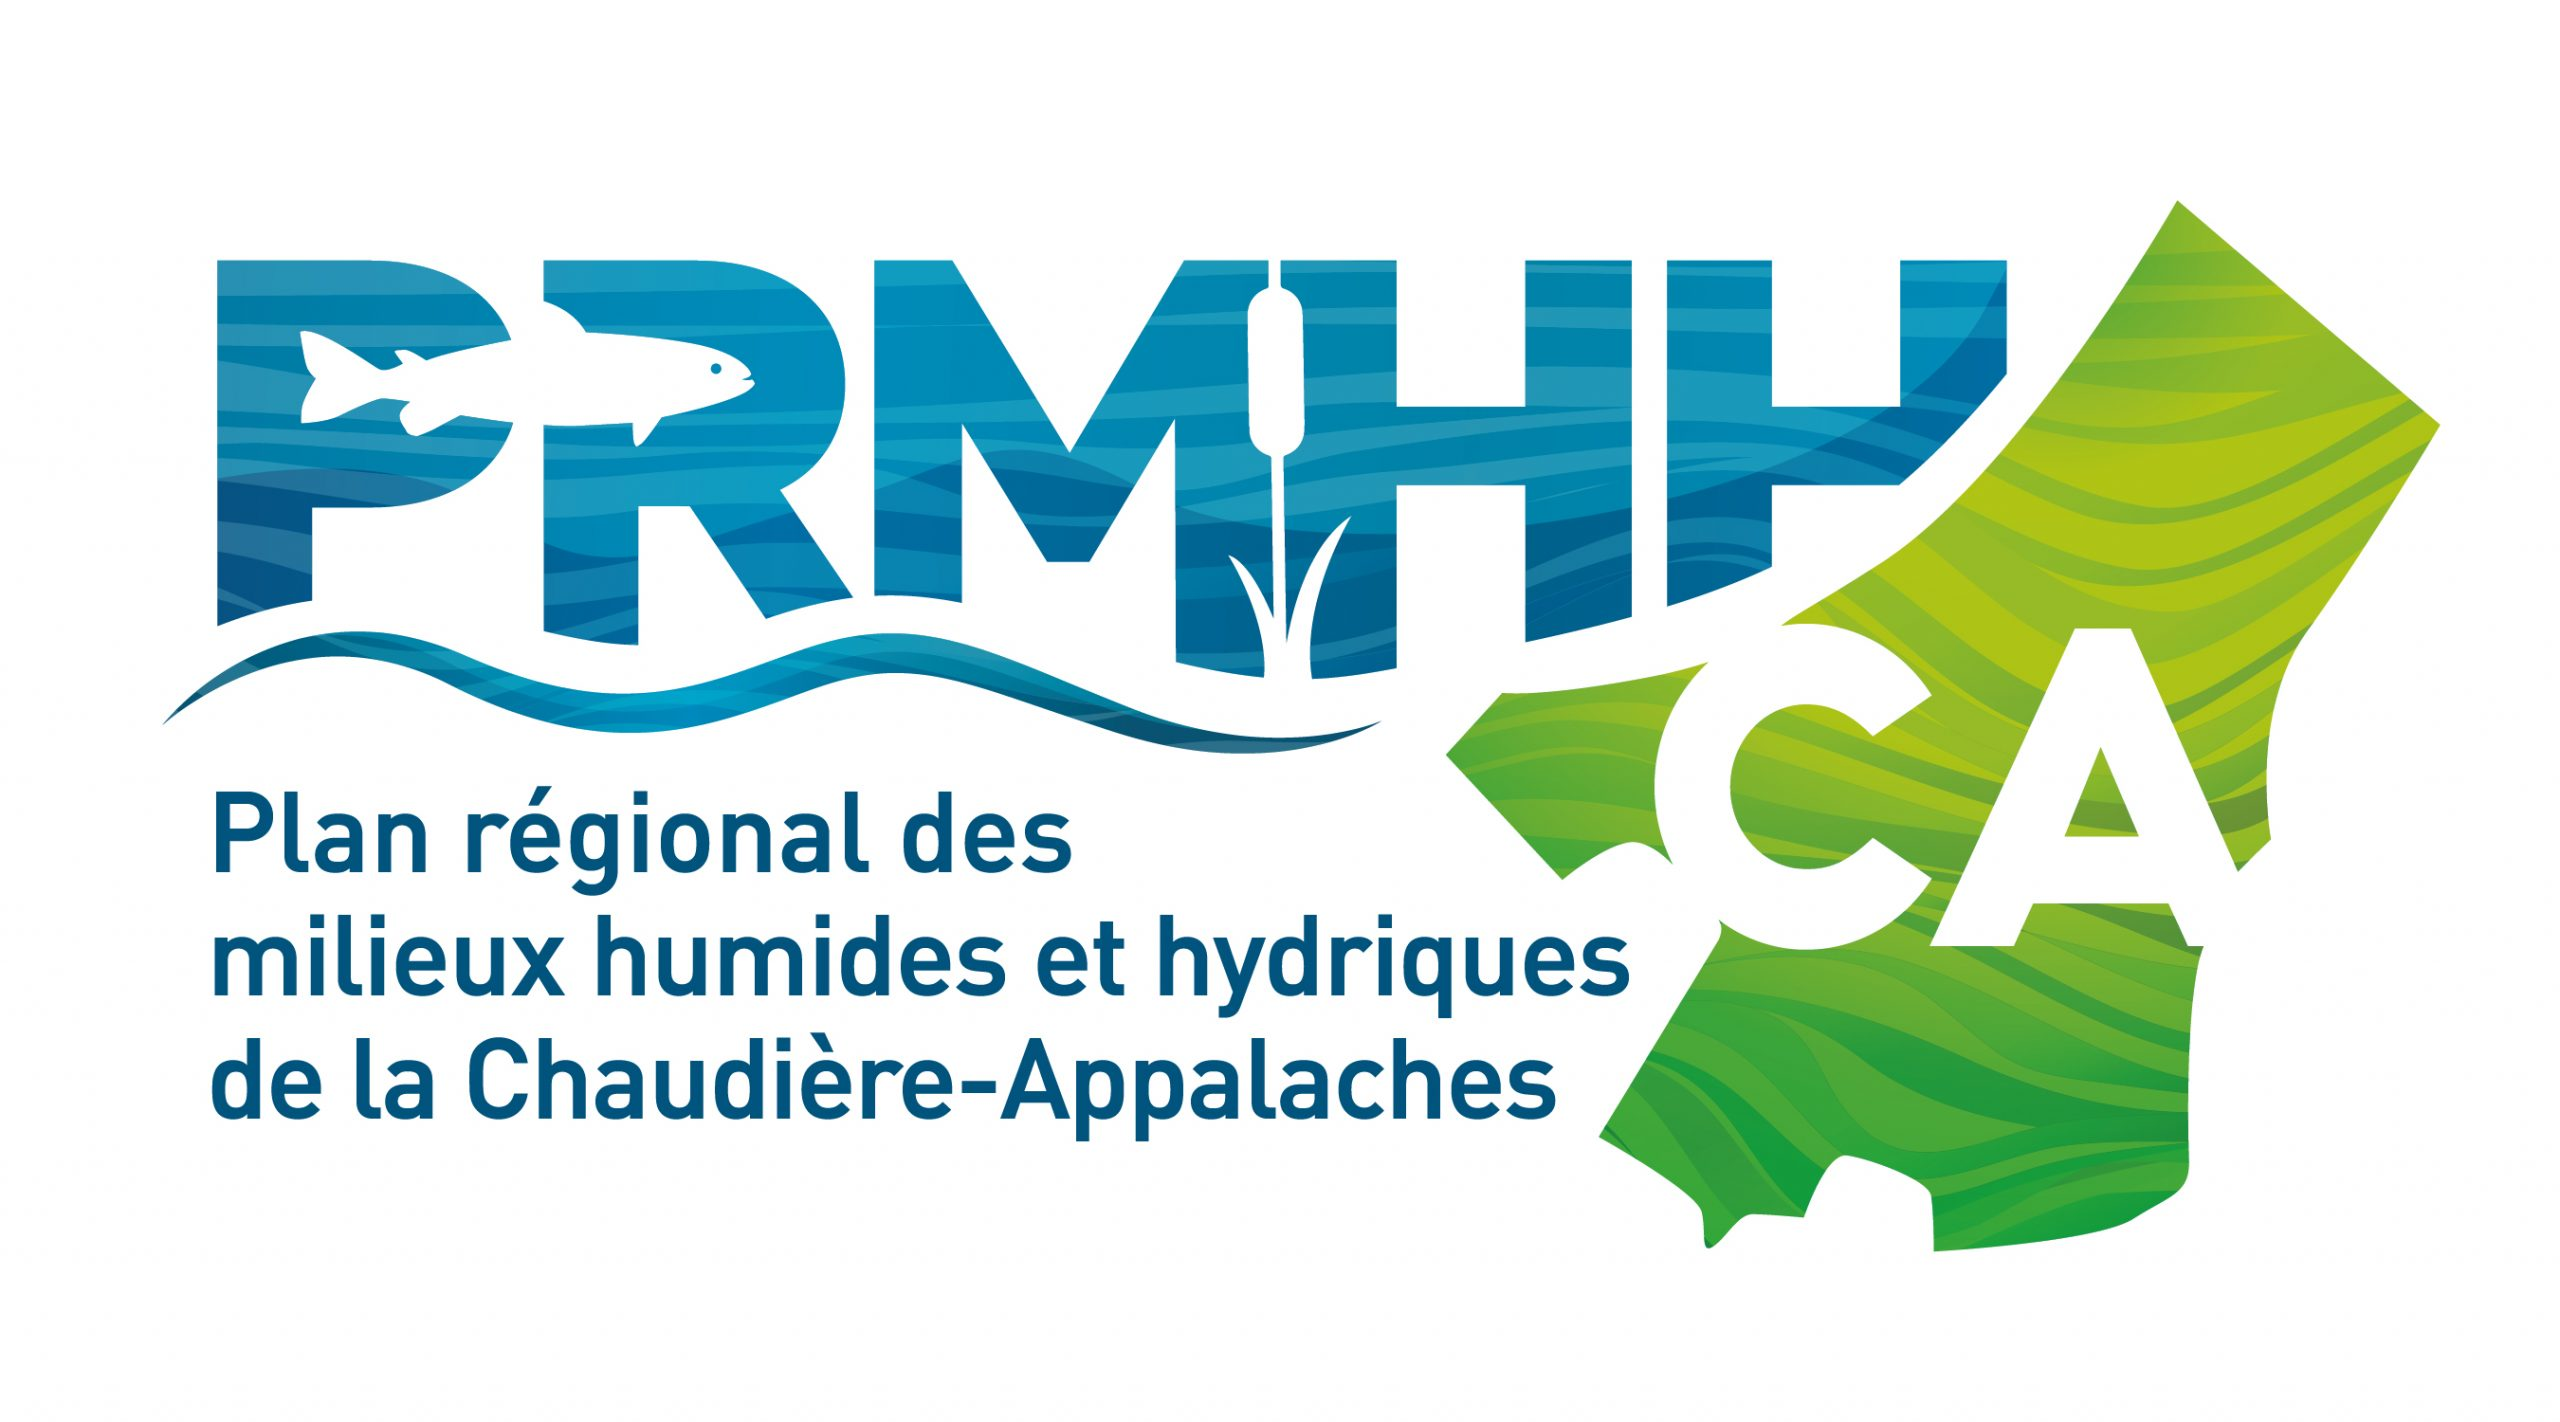 Plan régional des milieux humides et hydriques